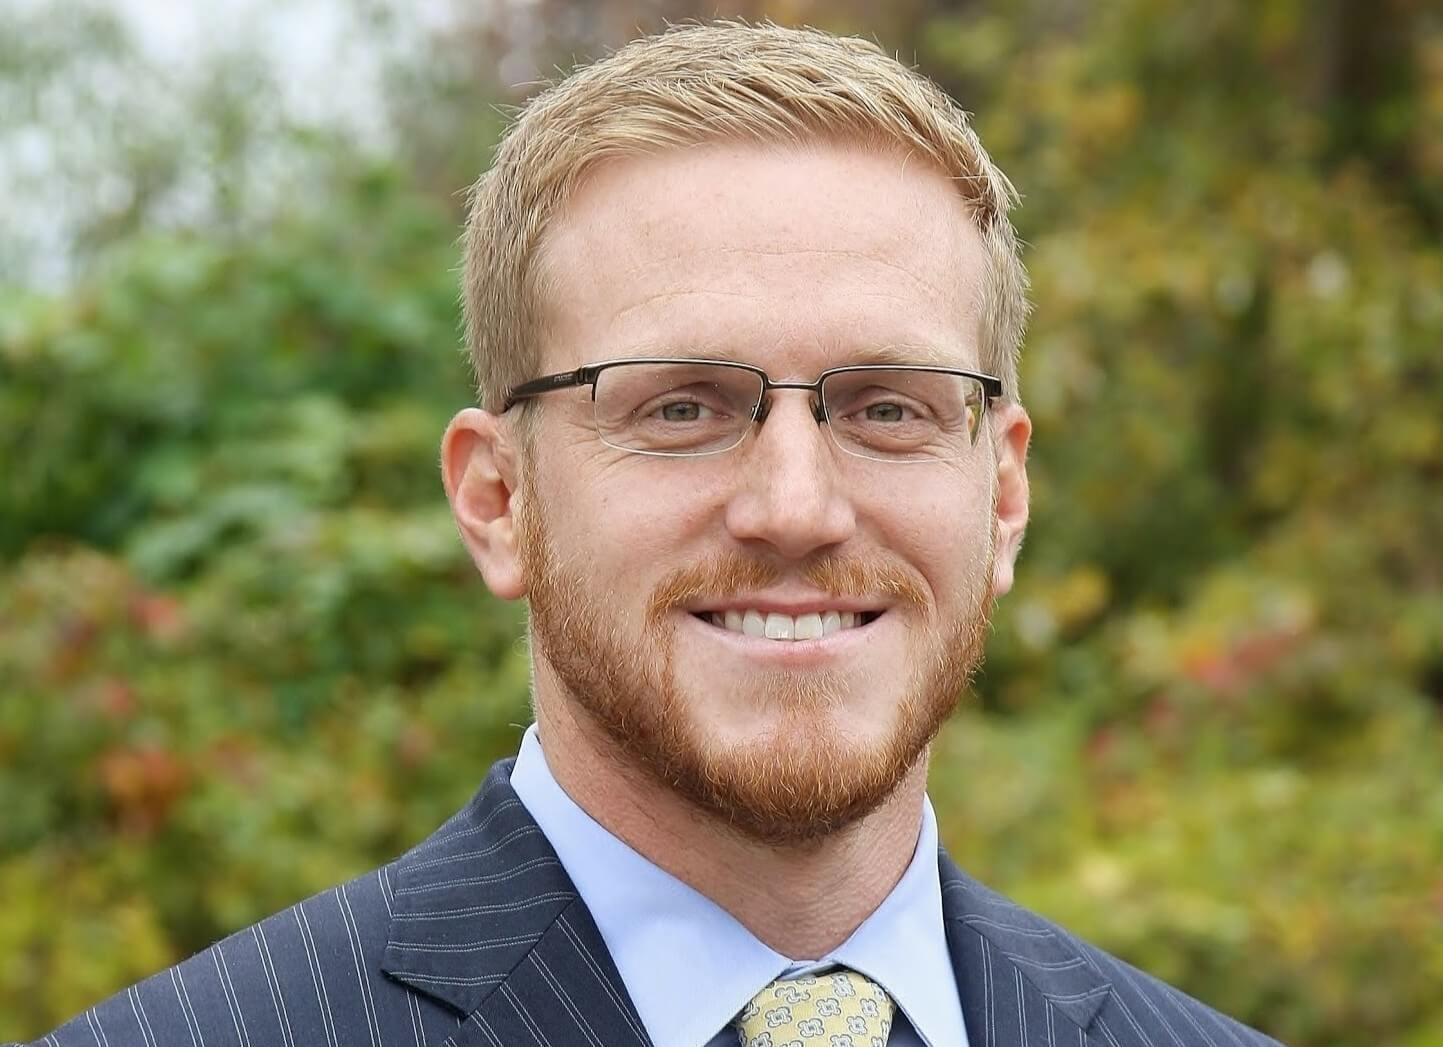 William Proetta NJ lawyer reviews